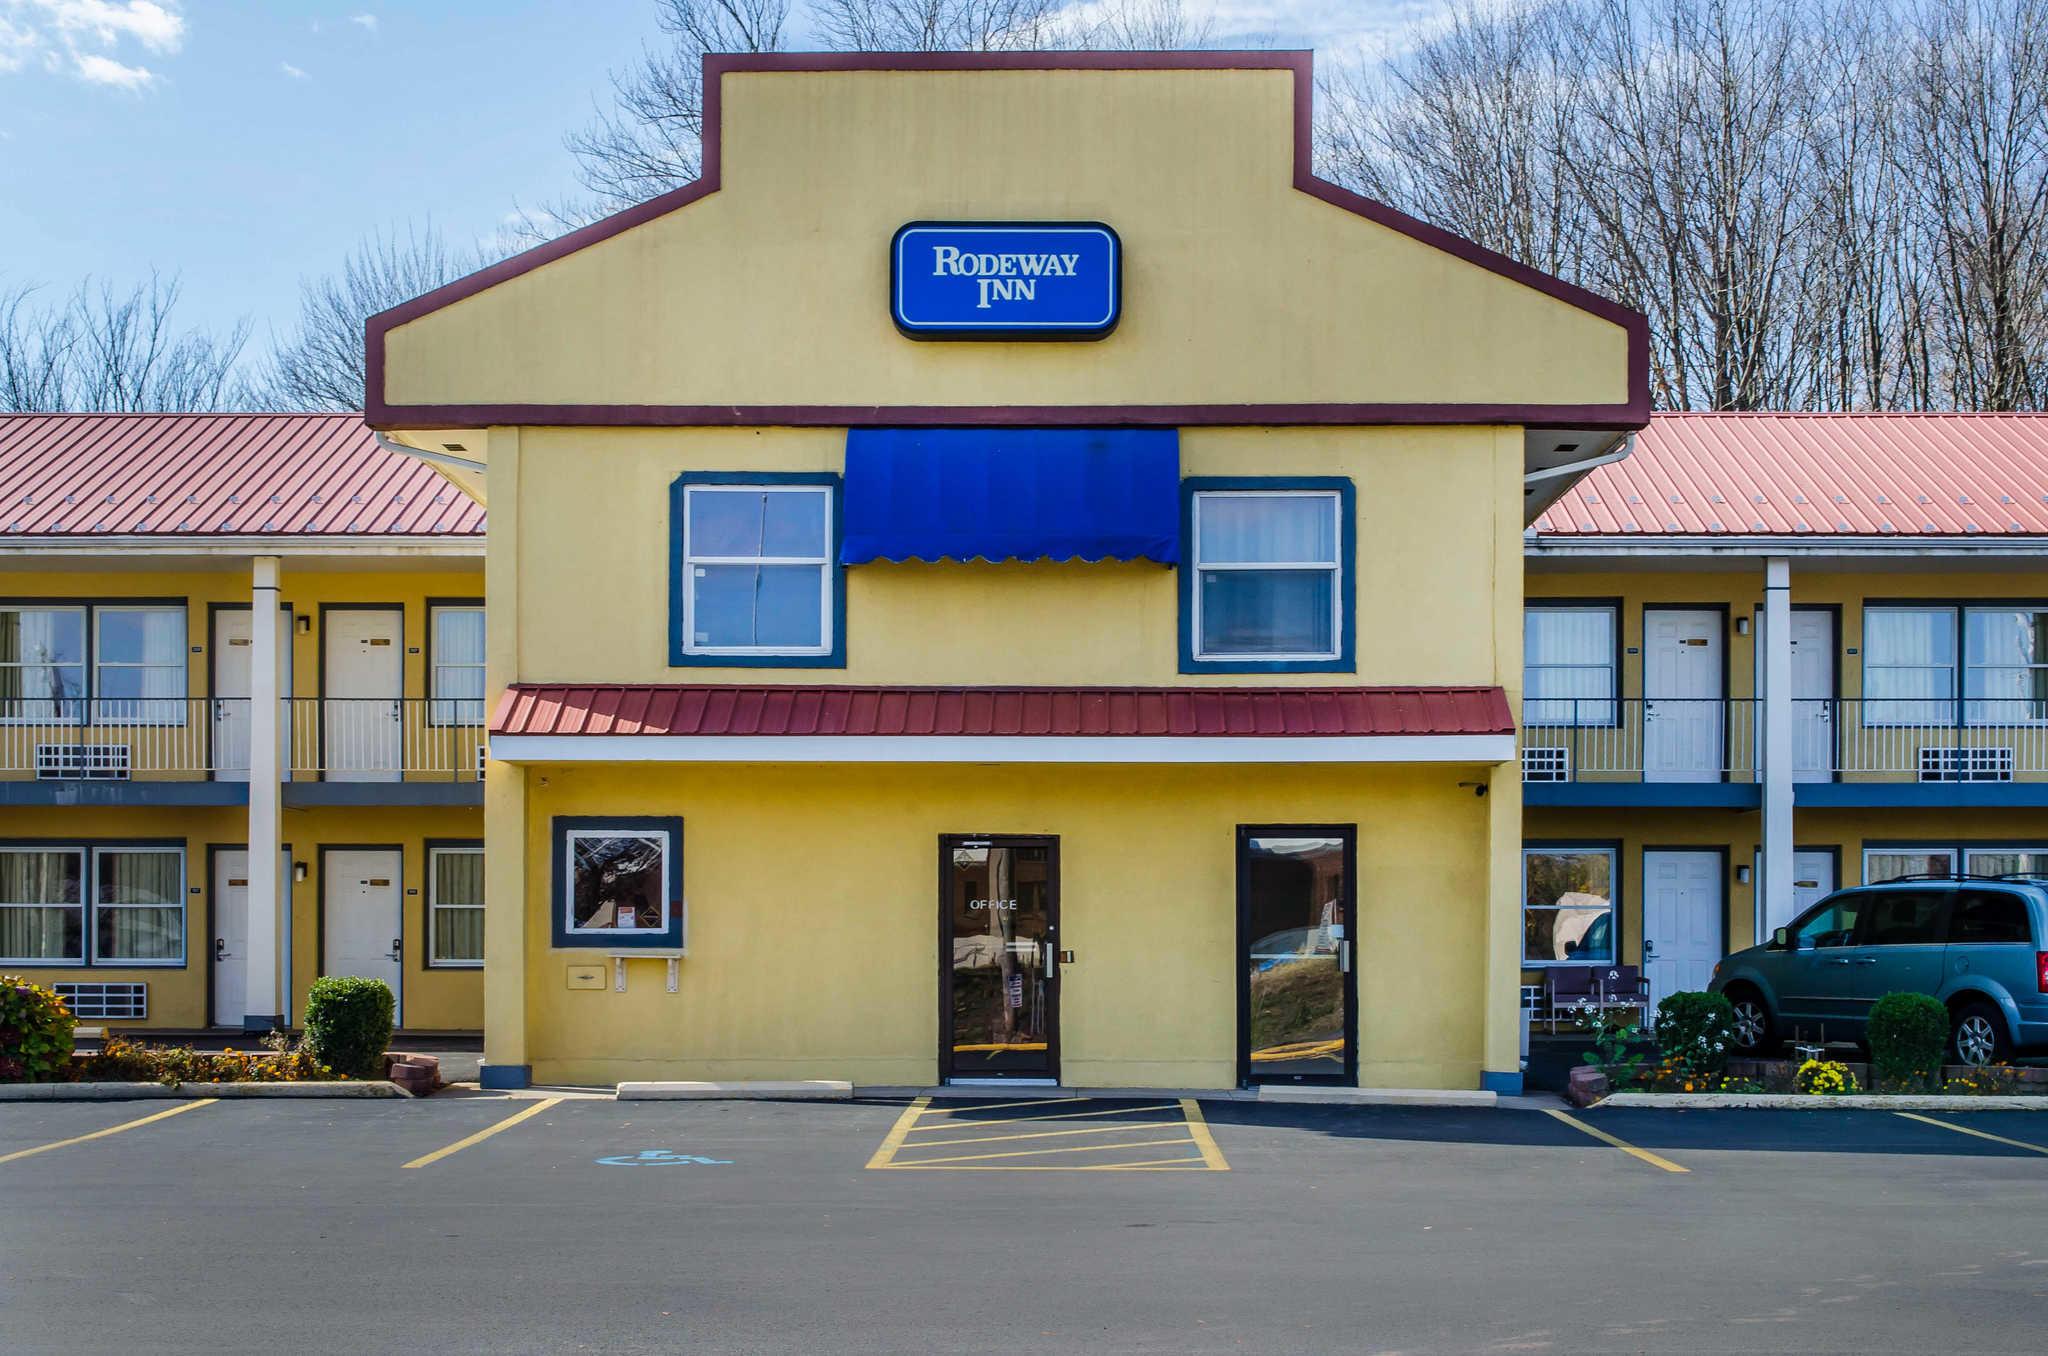 Rodeway Inn In Lewisburg Pa 17837 Chamberofcommerce Com